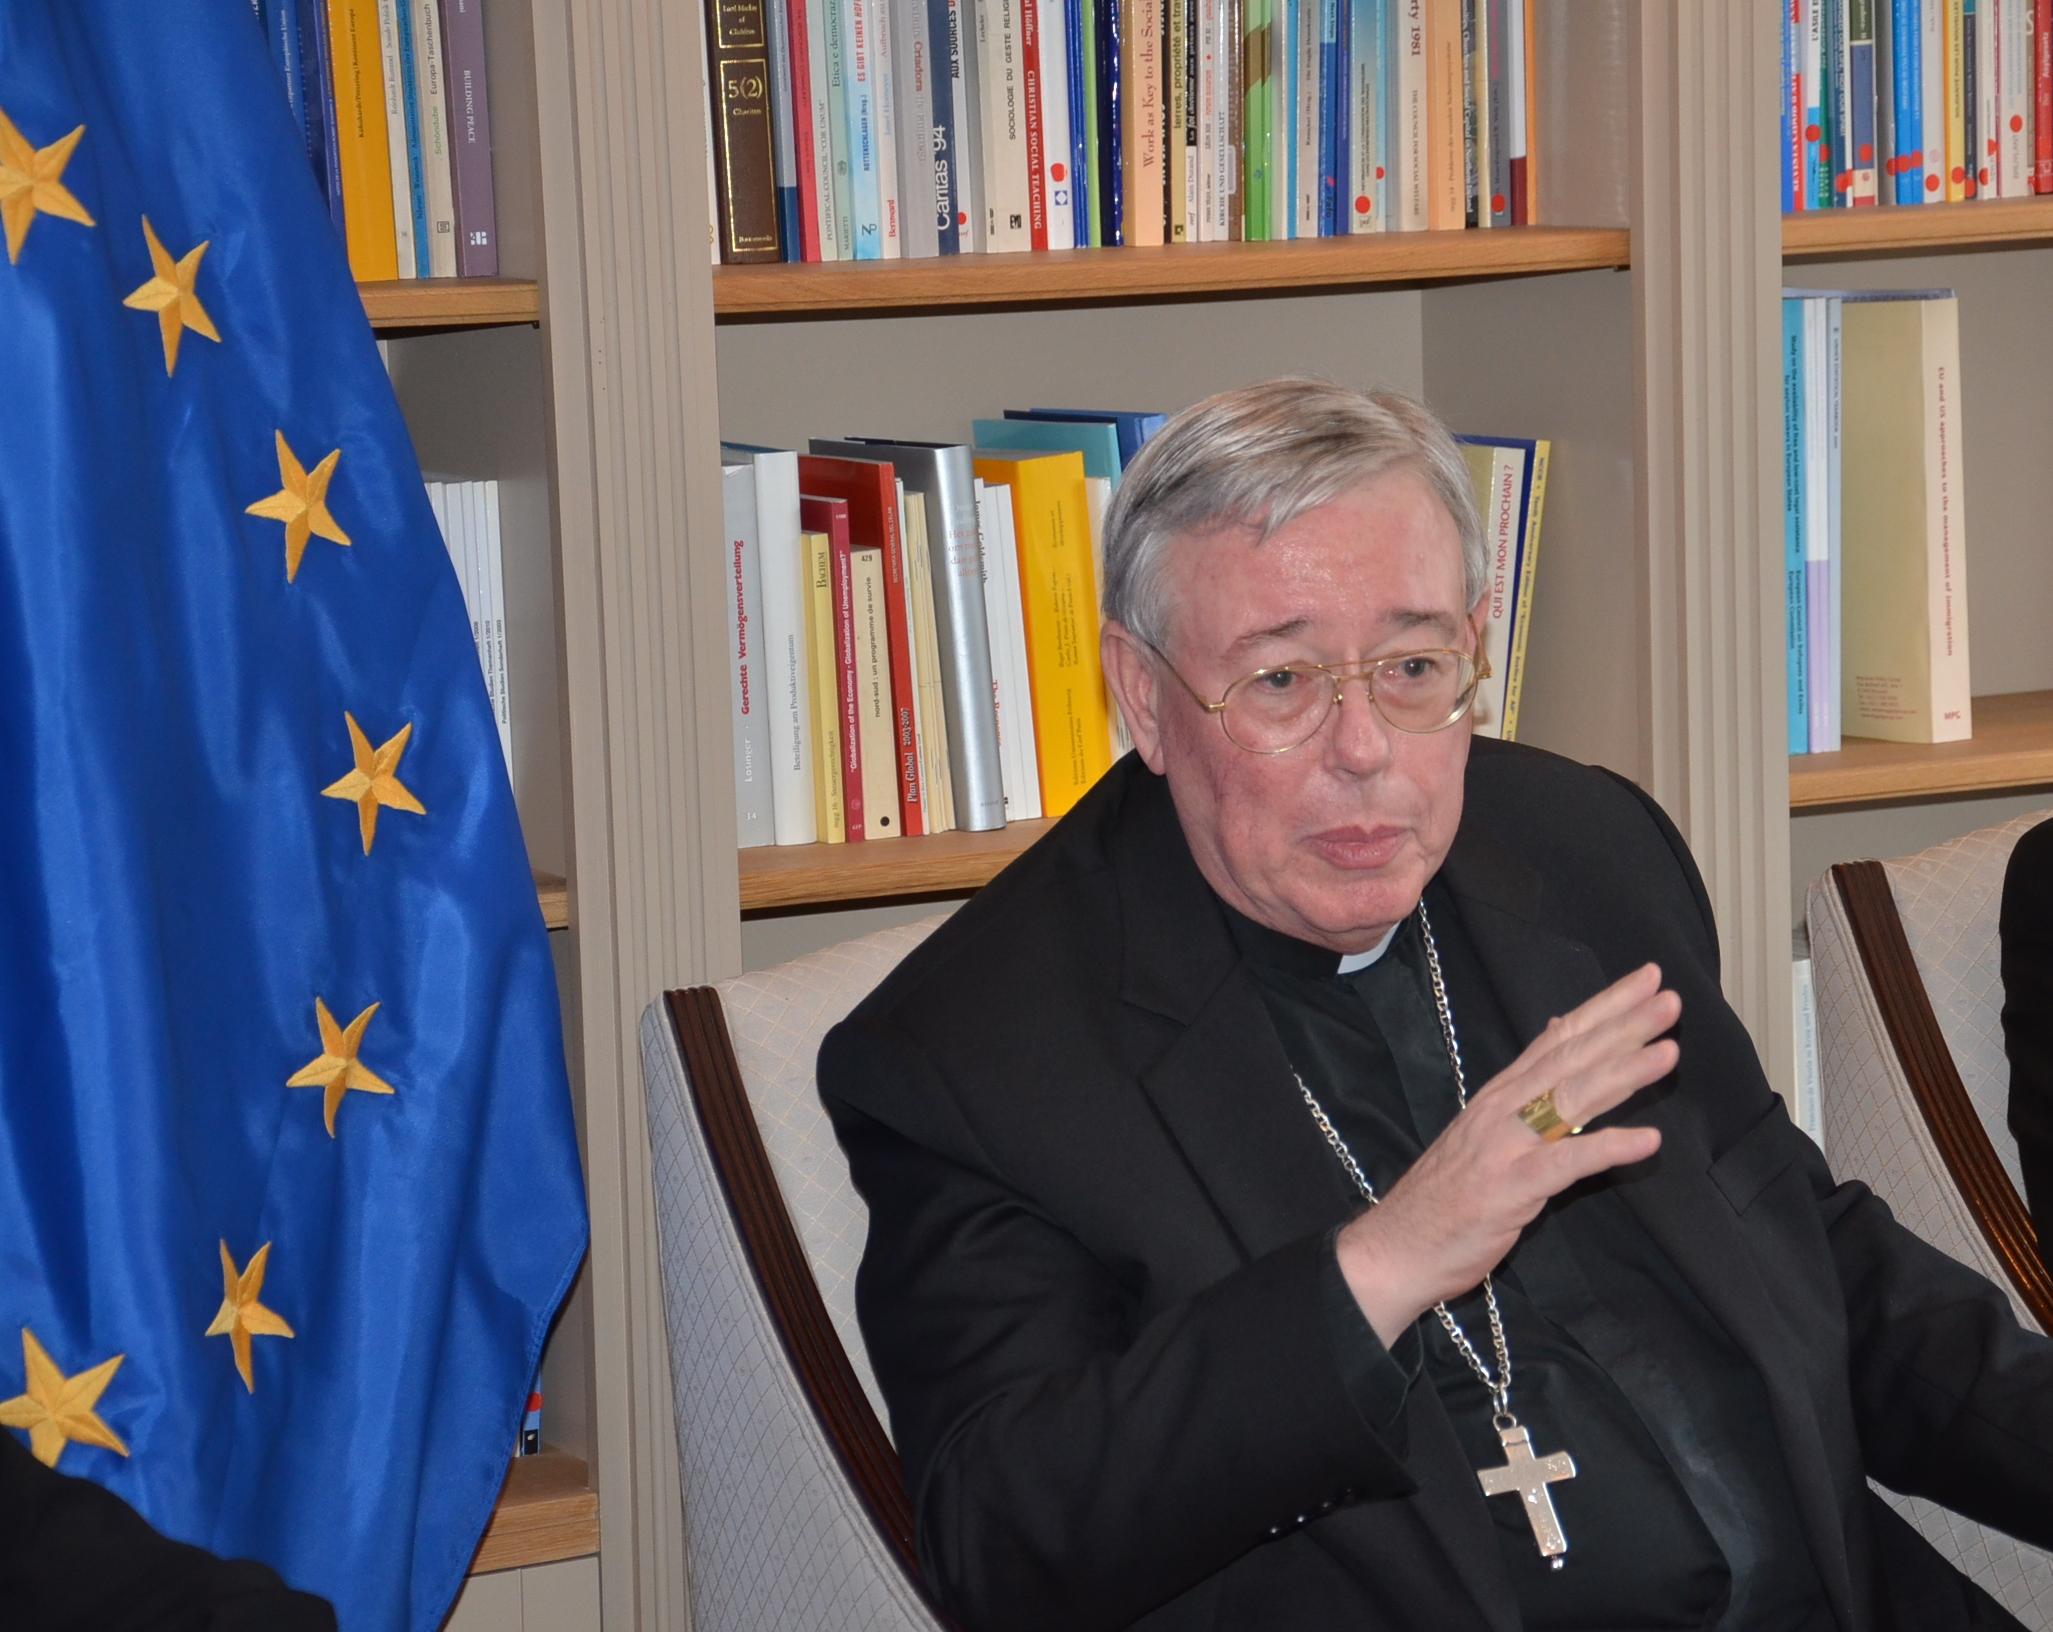 Mgr. Jean-Claude Hollerich, jezuïet, aartsbisschop van Luxemburg en voorzitter van COMECE © Hellen Mardaga